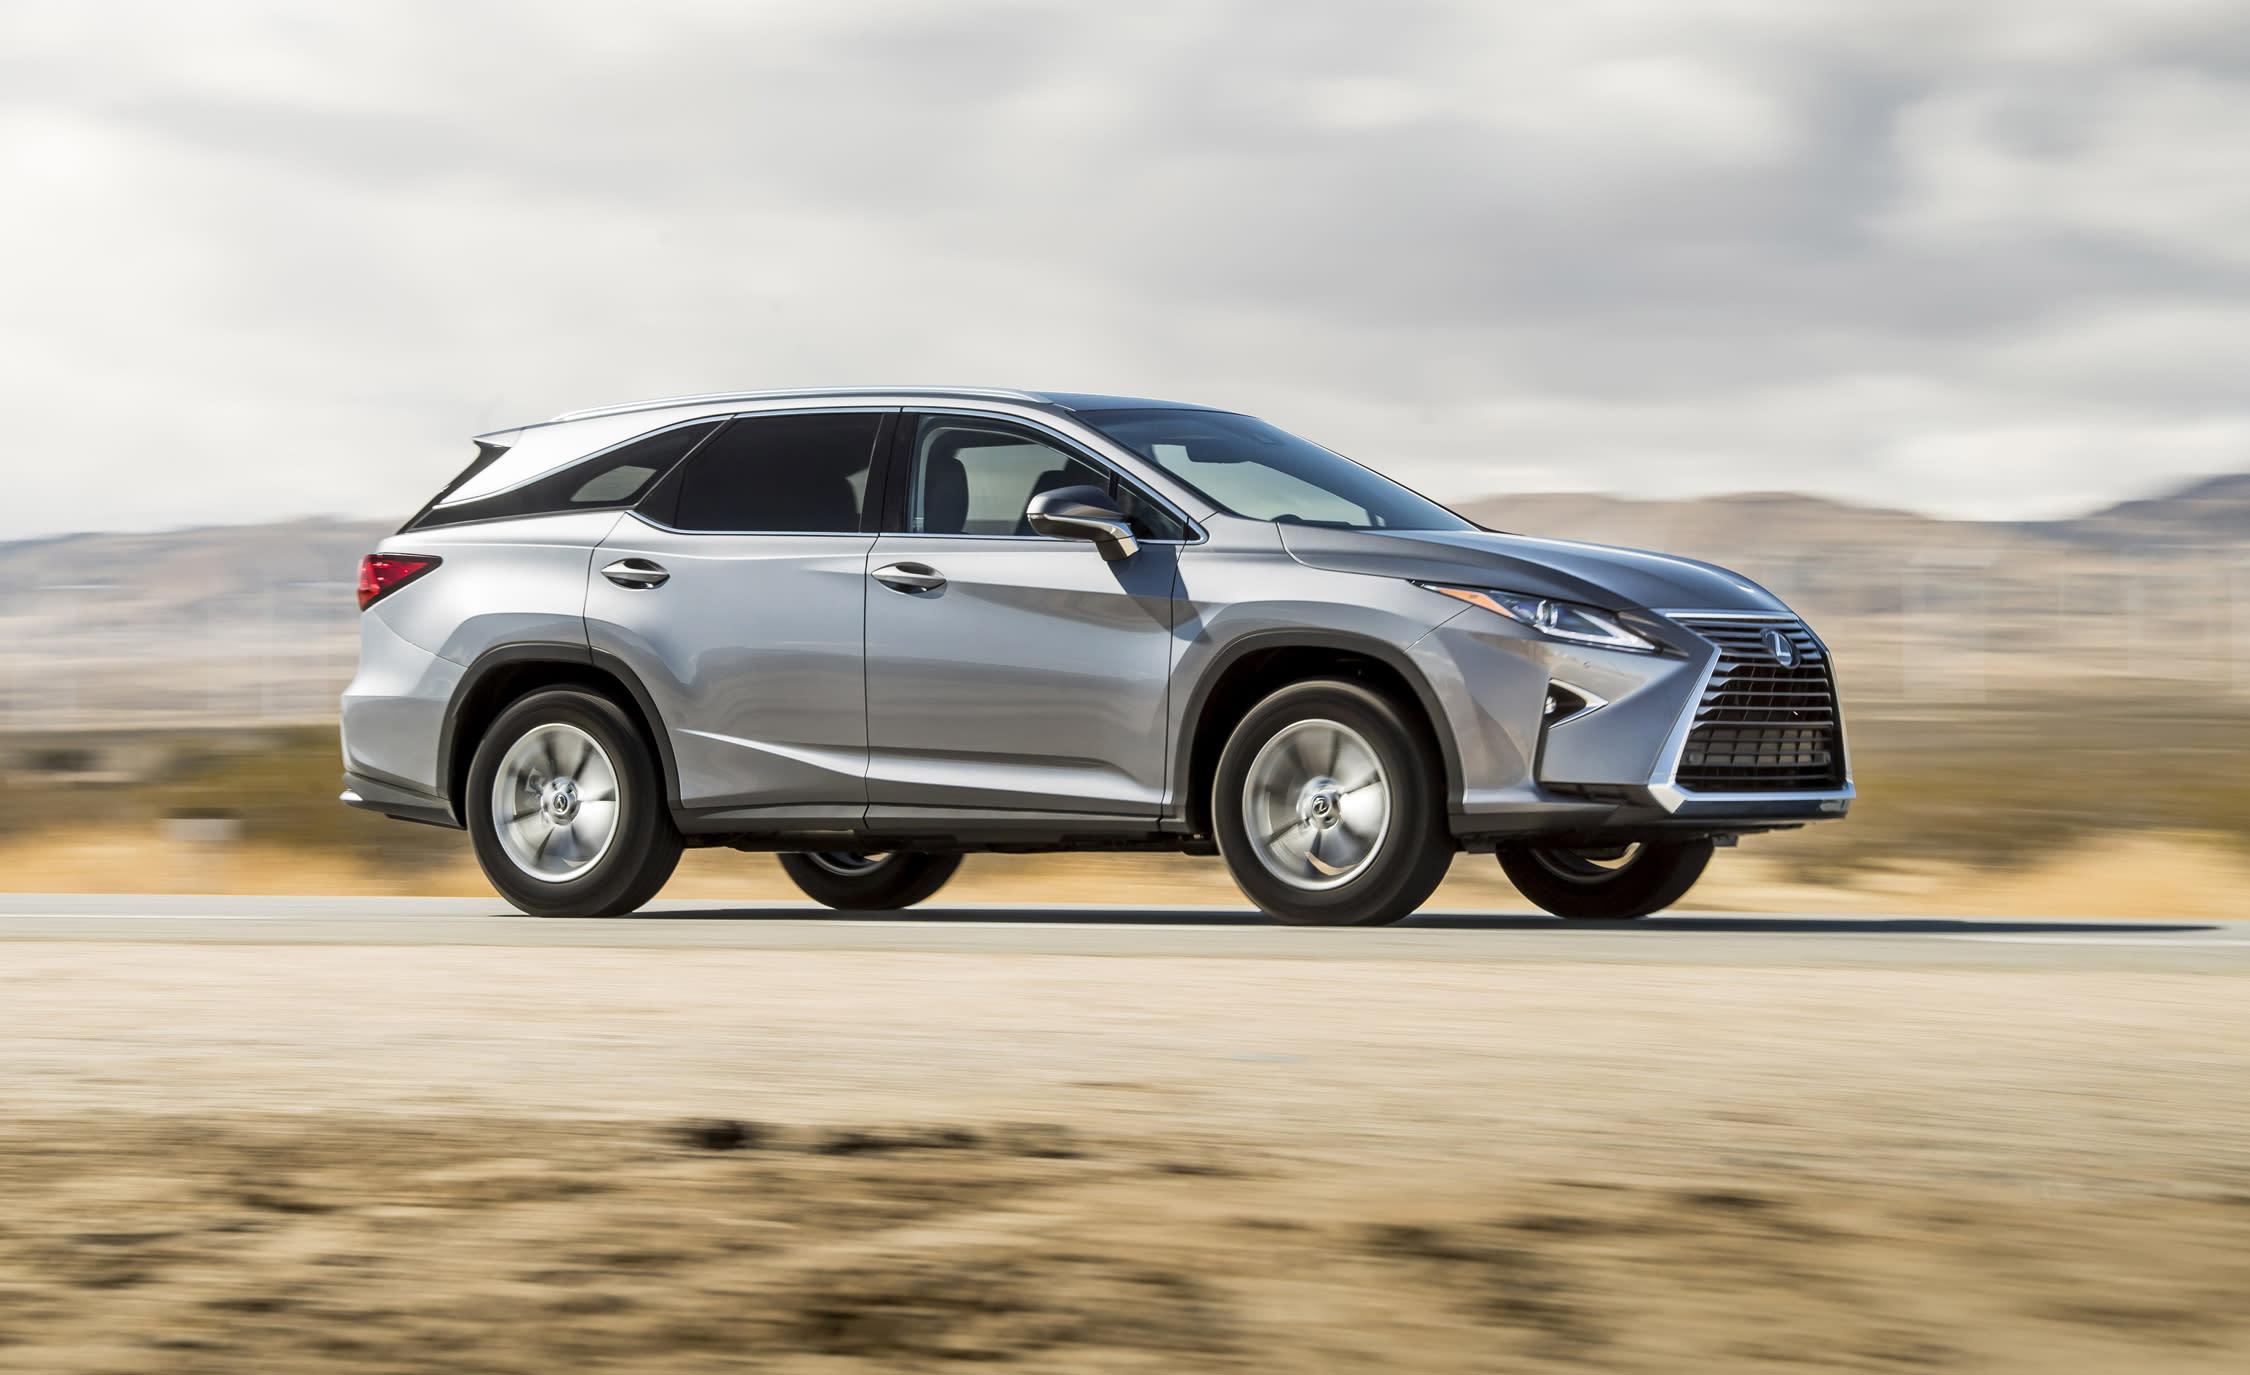 Lexus 2018 Rx350 >> 2018 Lexus RX350L FWD